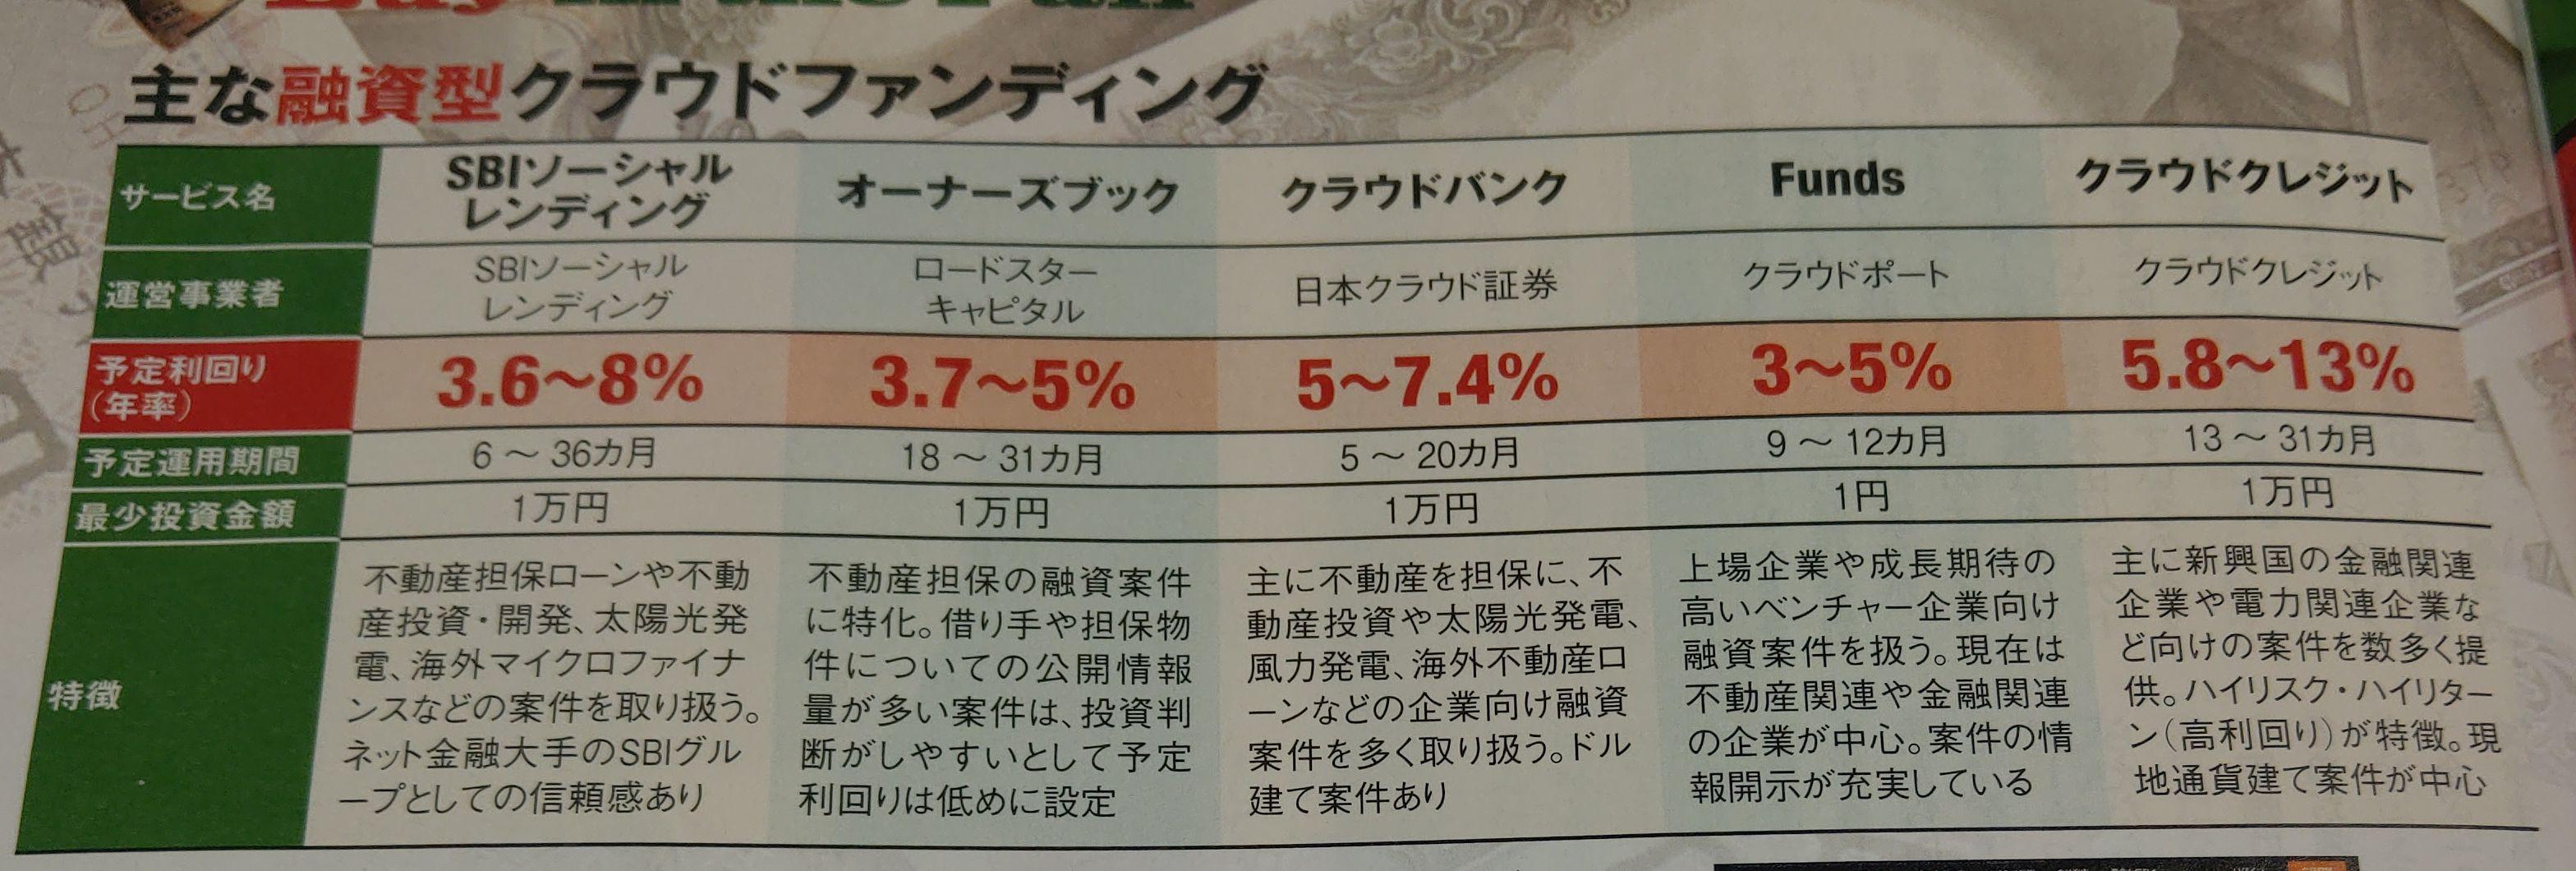 日経トレンディ2019年10月号_ソーシャルレンディング運営会社各社